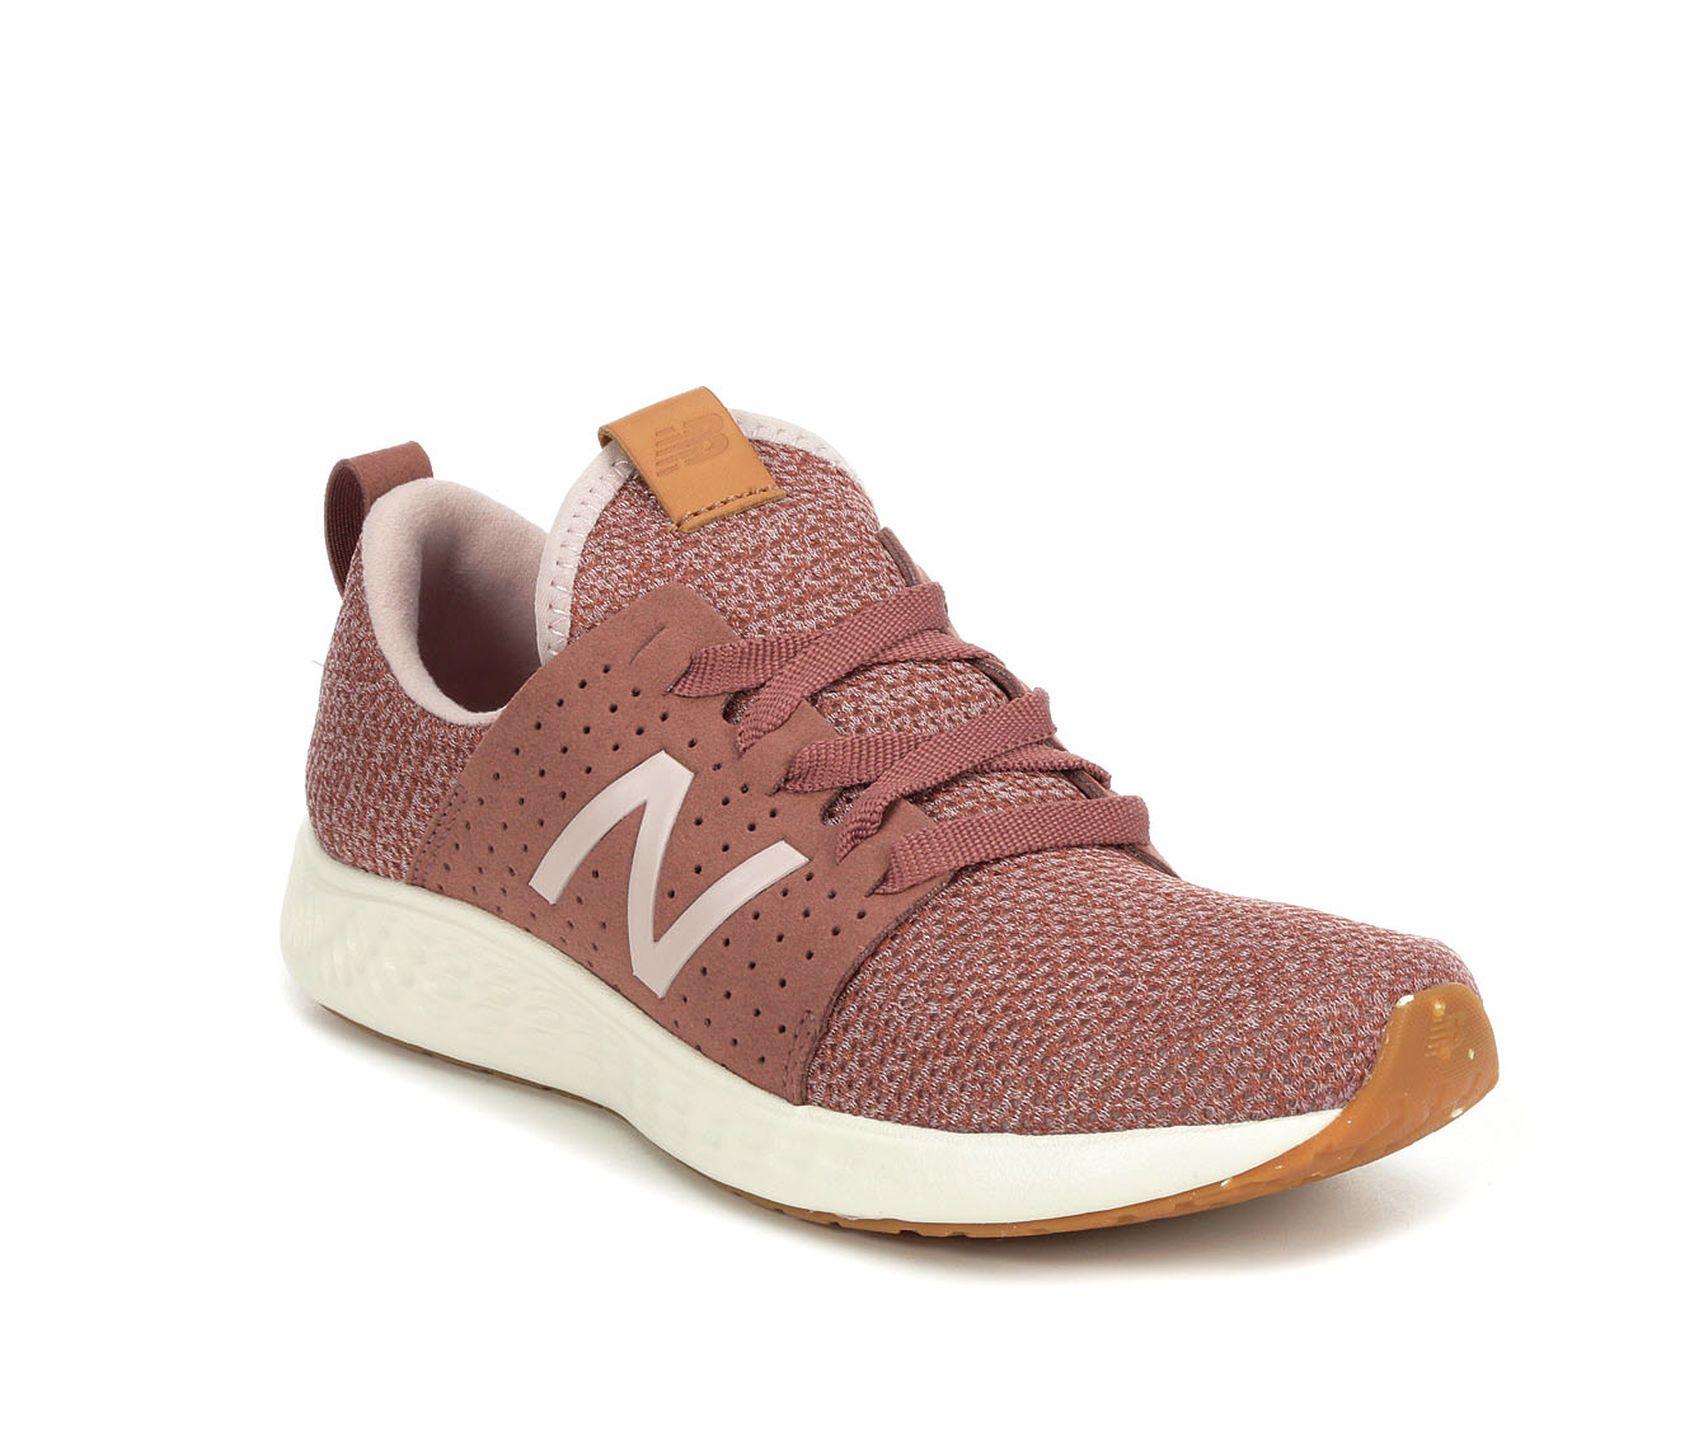 Women's New Balance Fresh Foam Sport Sneakers New